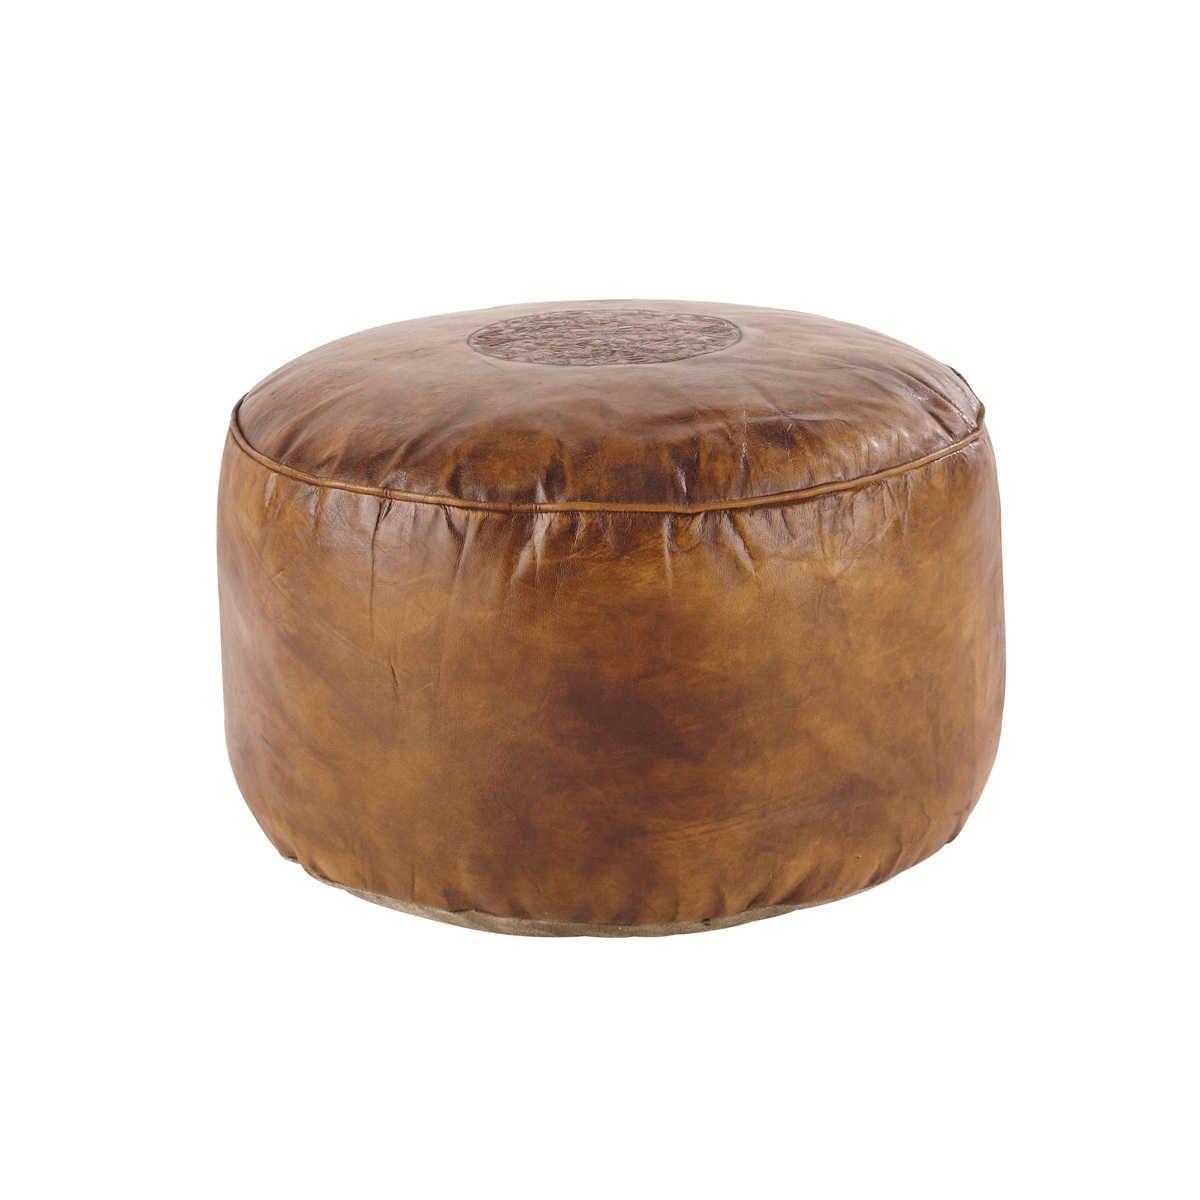 Puf de cuero marrón Hassan | Muebles | Pinterest | Cuero marrón y Marrón